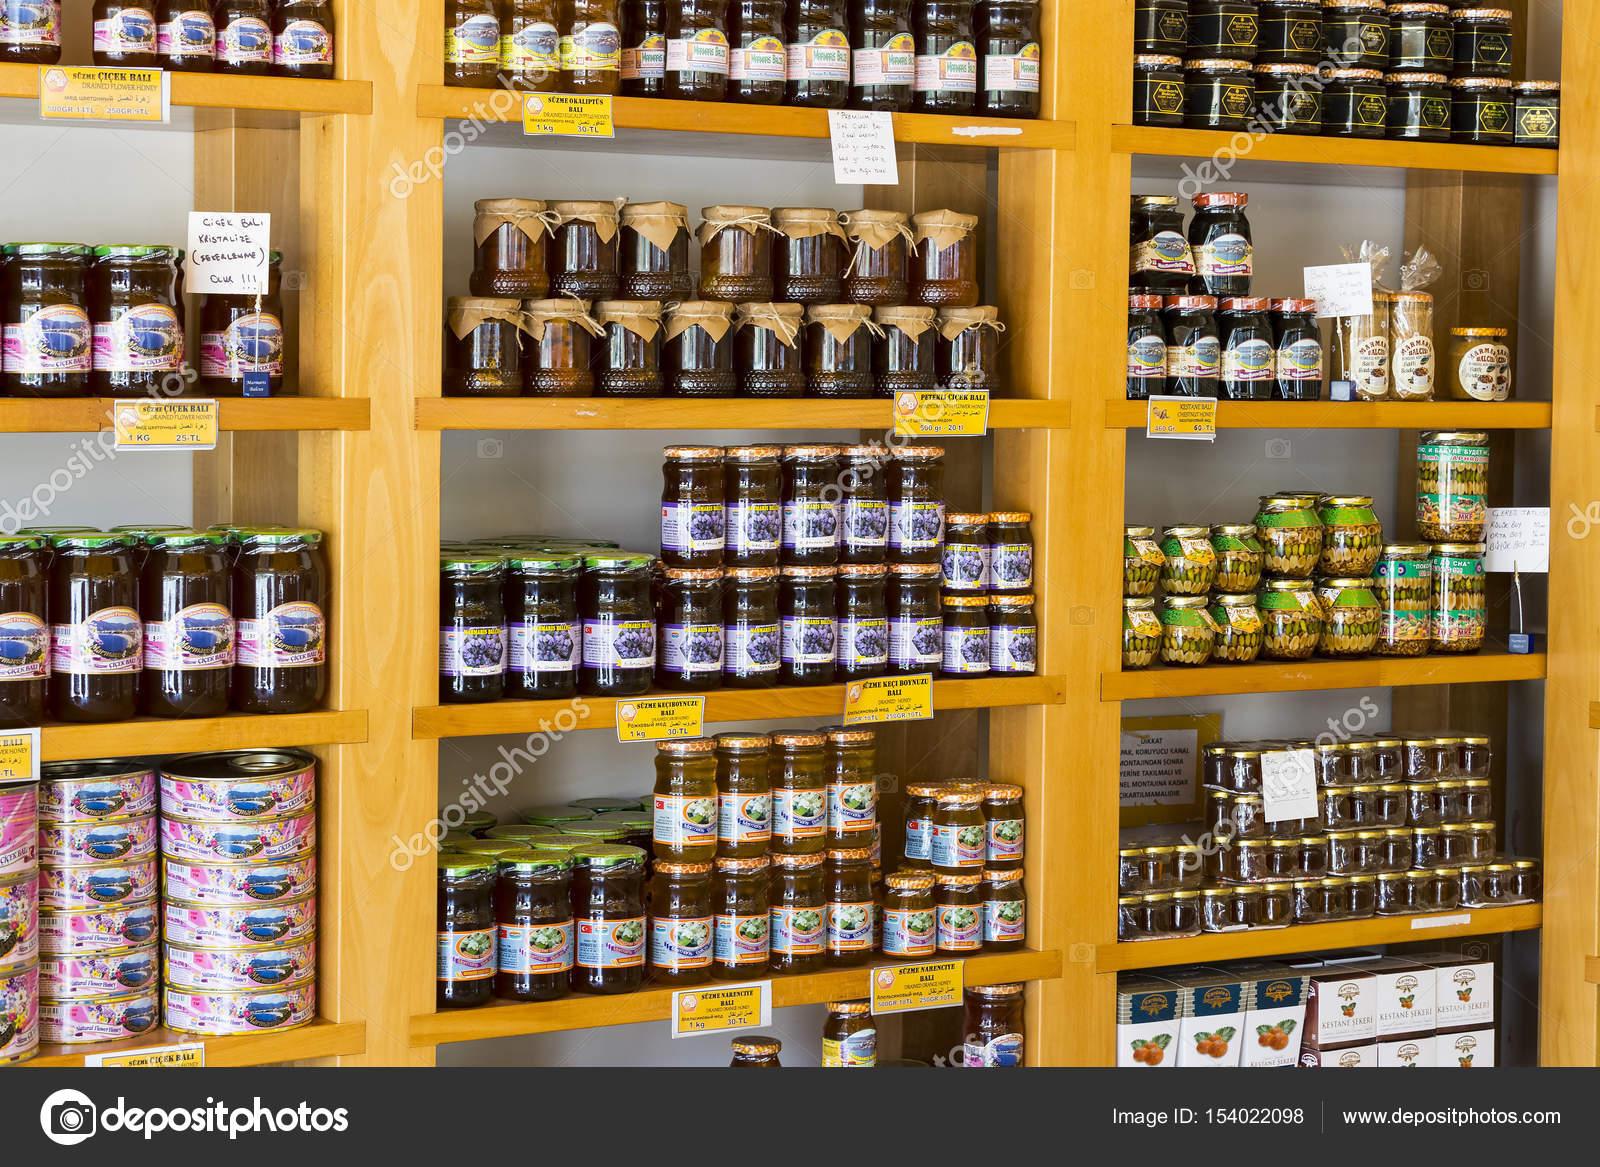 Estanterias tienda especializada para la venta de miel abeja pino y ...